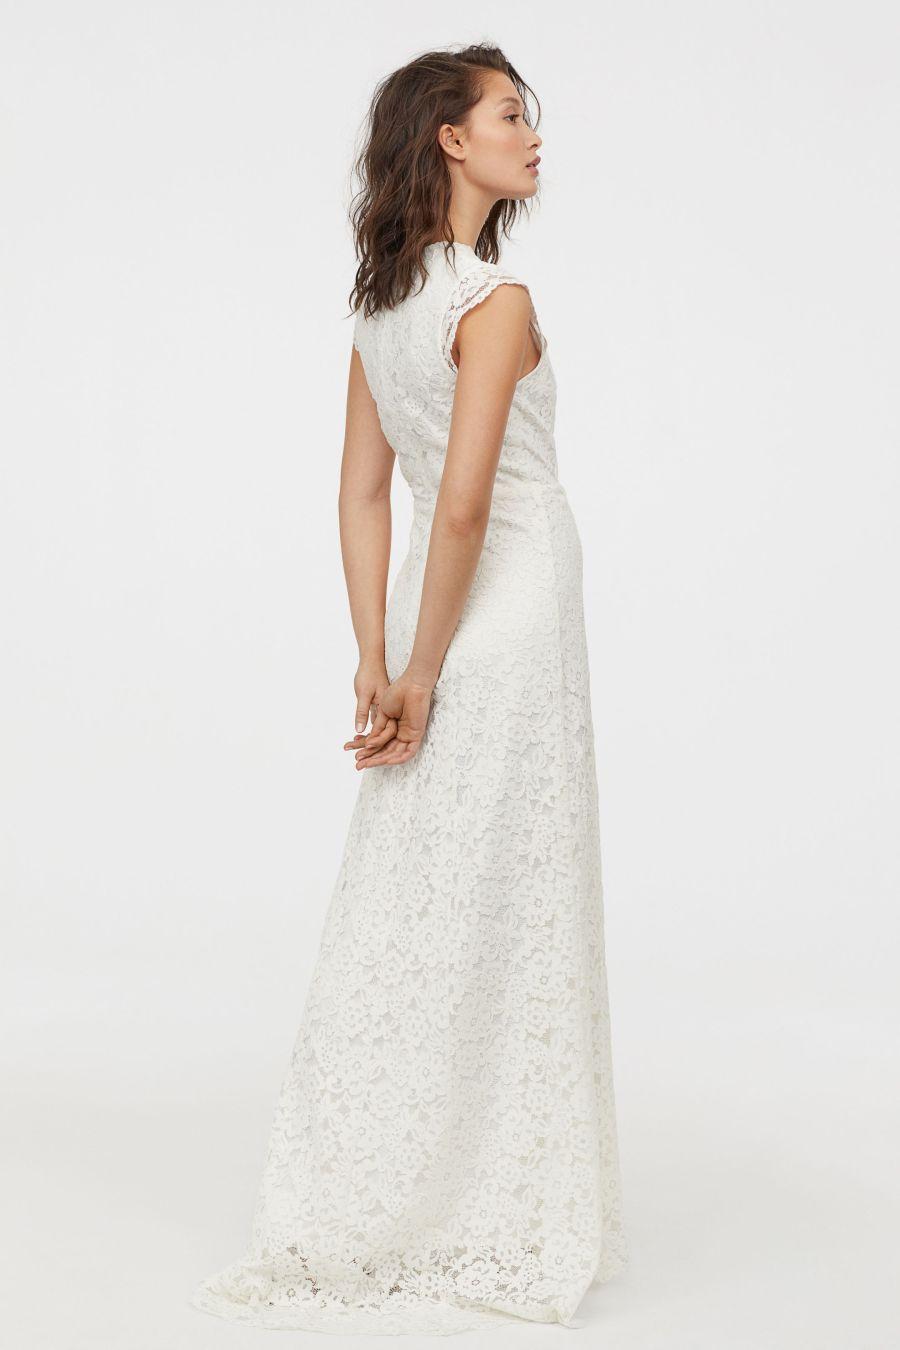 Недорогие свадебные платья, H & M